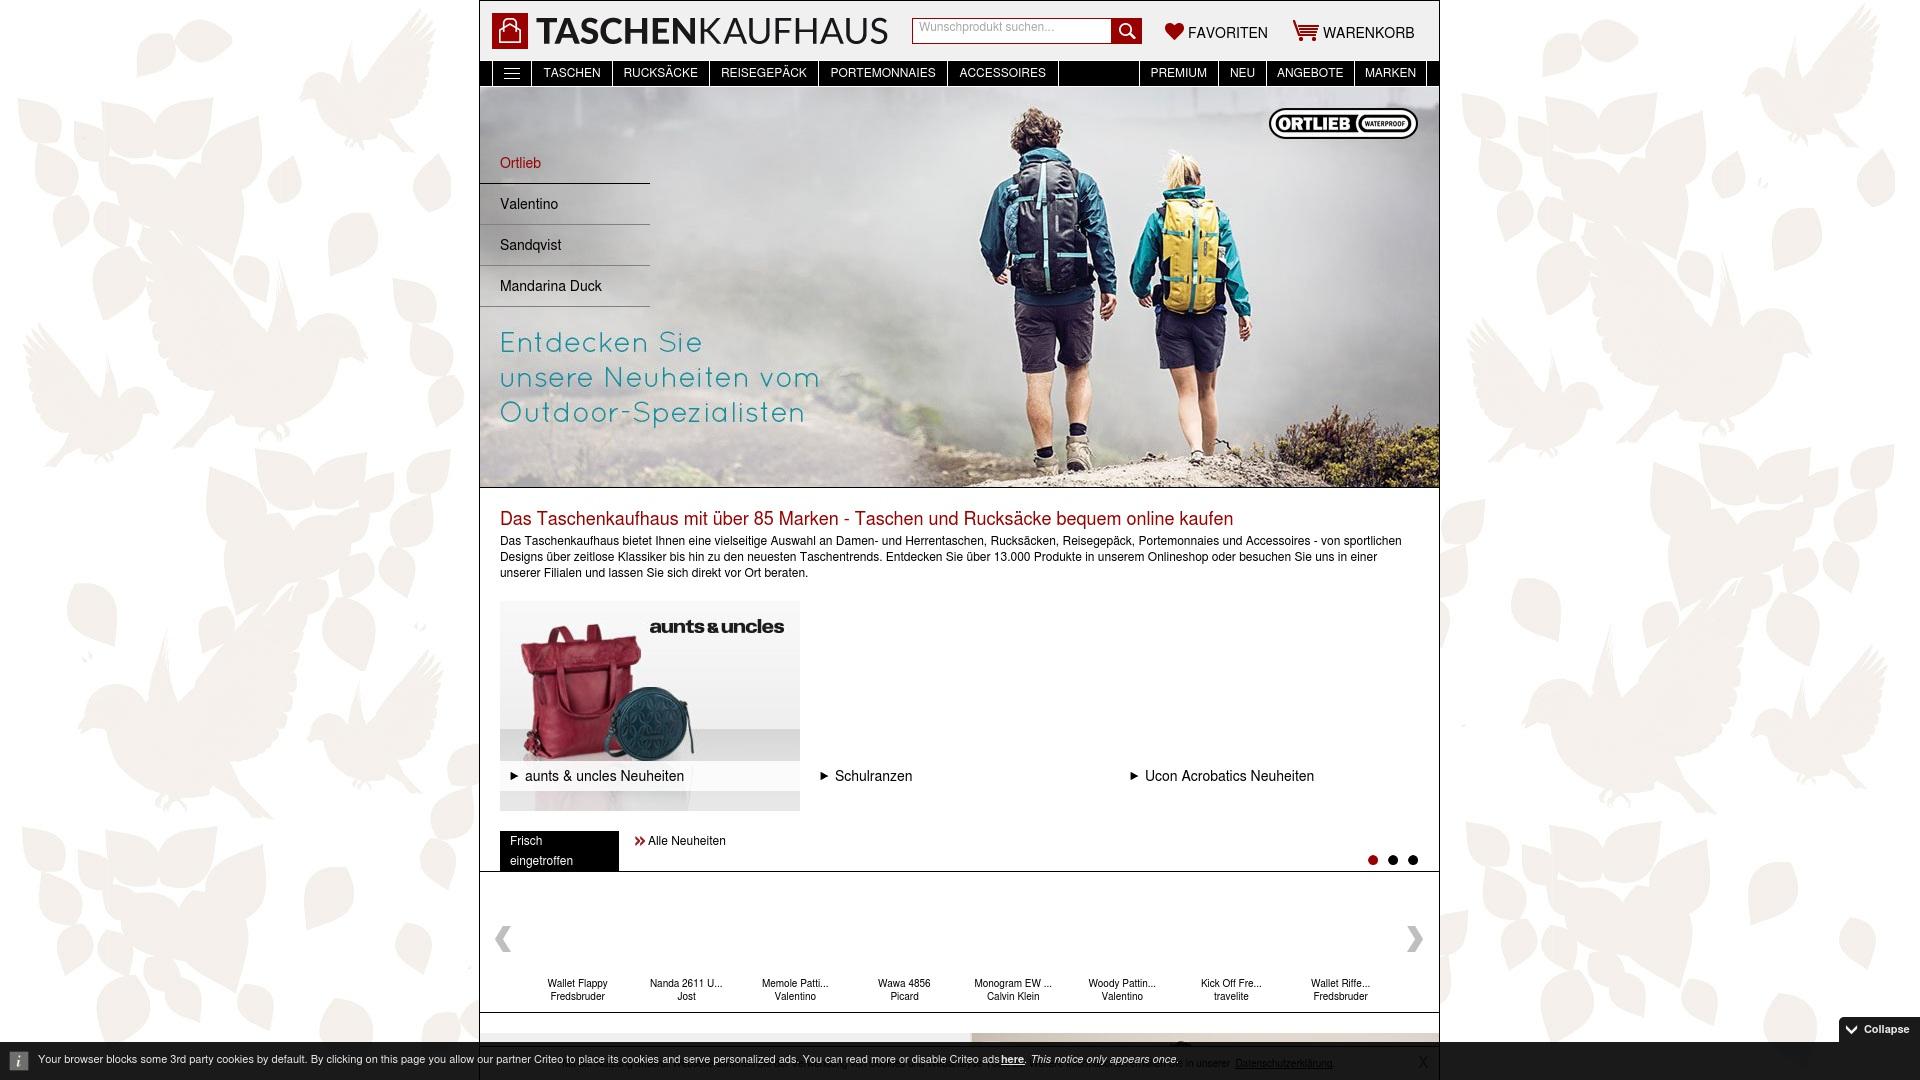 Gutschein für Taschenkaufhaus: Rabatte für  Taschenkaufhaus sichern